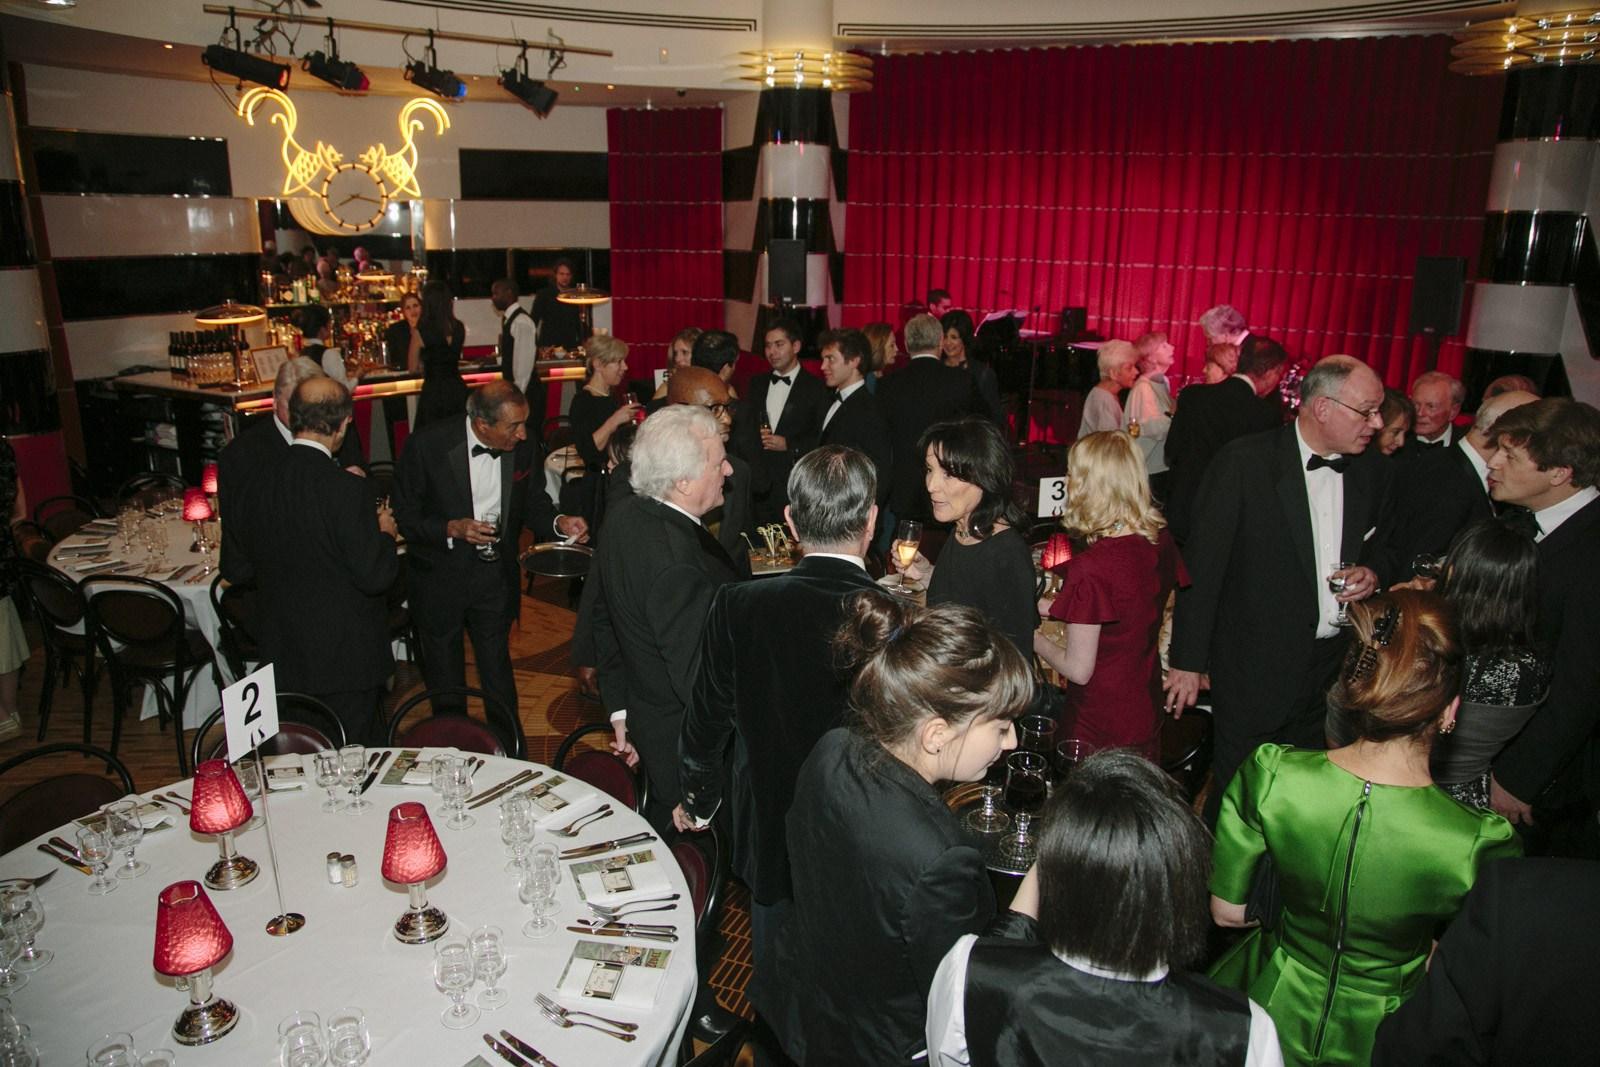 cambridge-event-party-2017-io-046